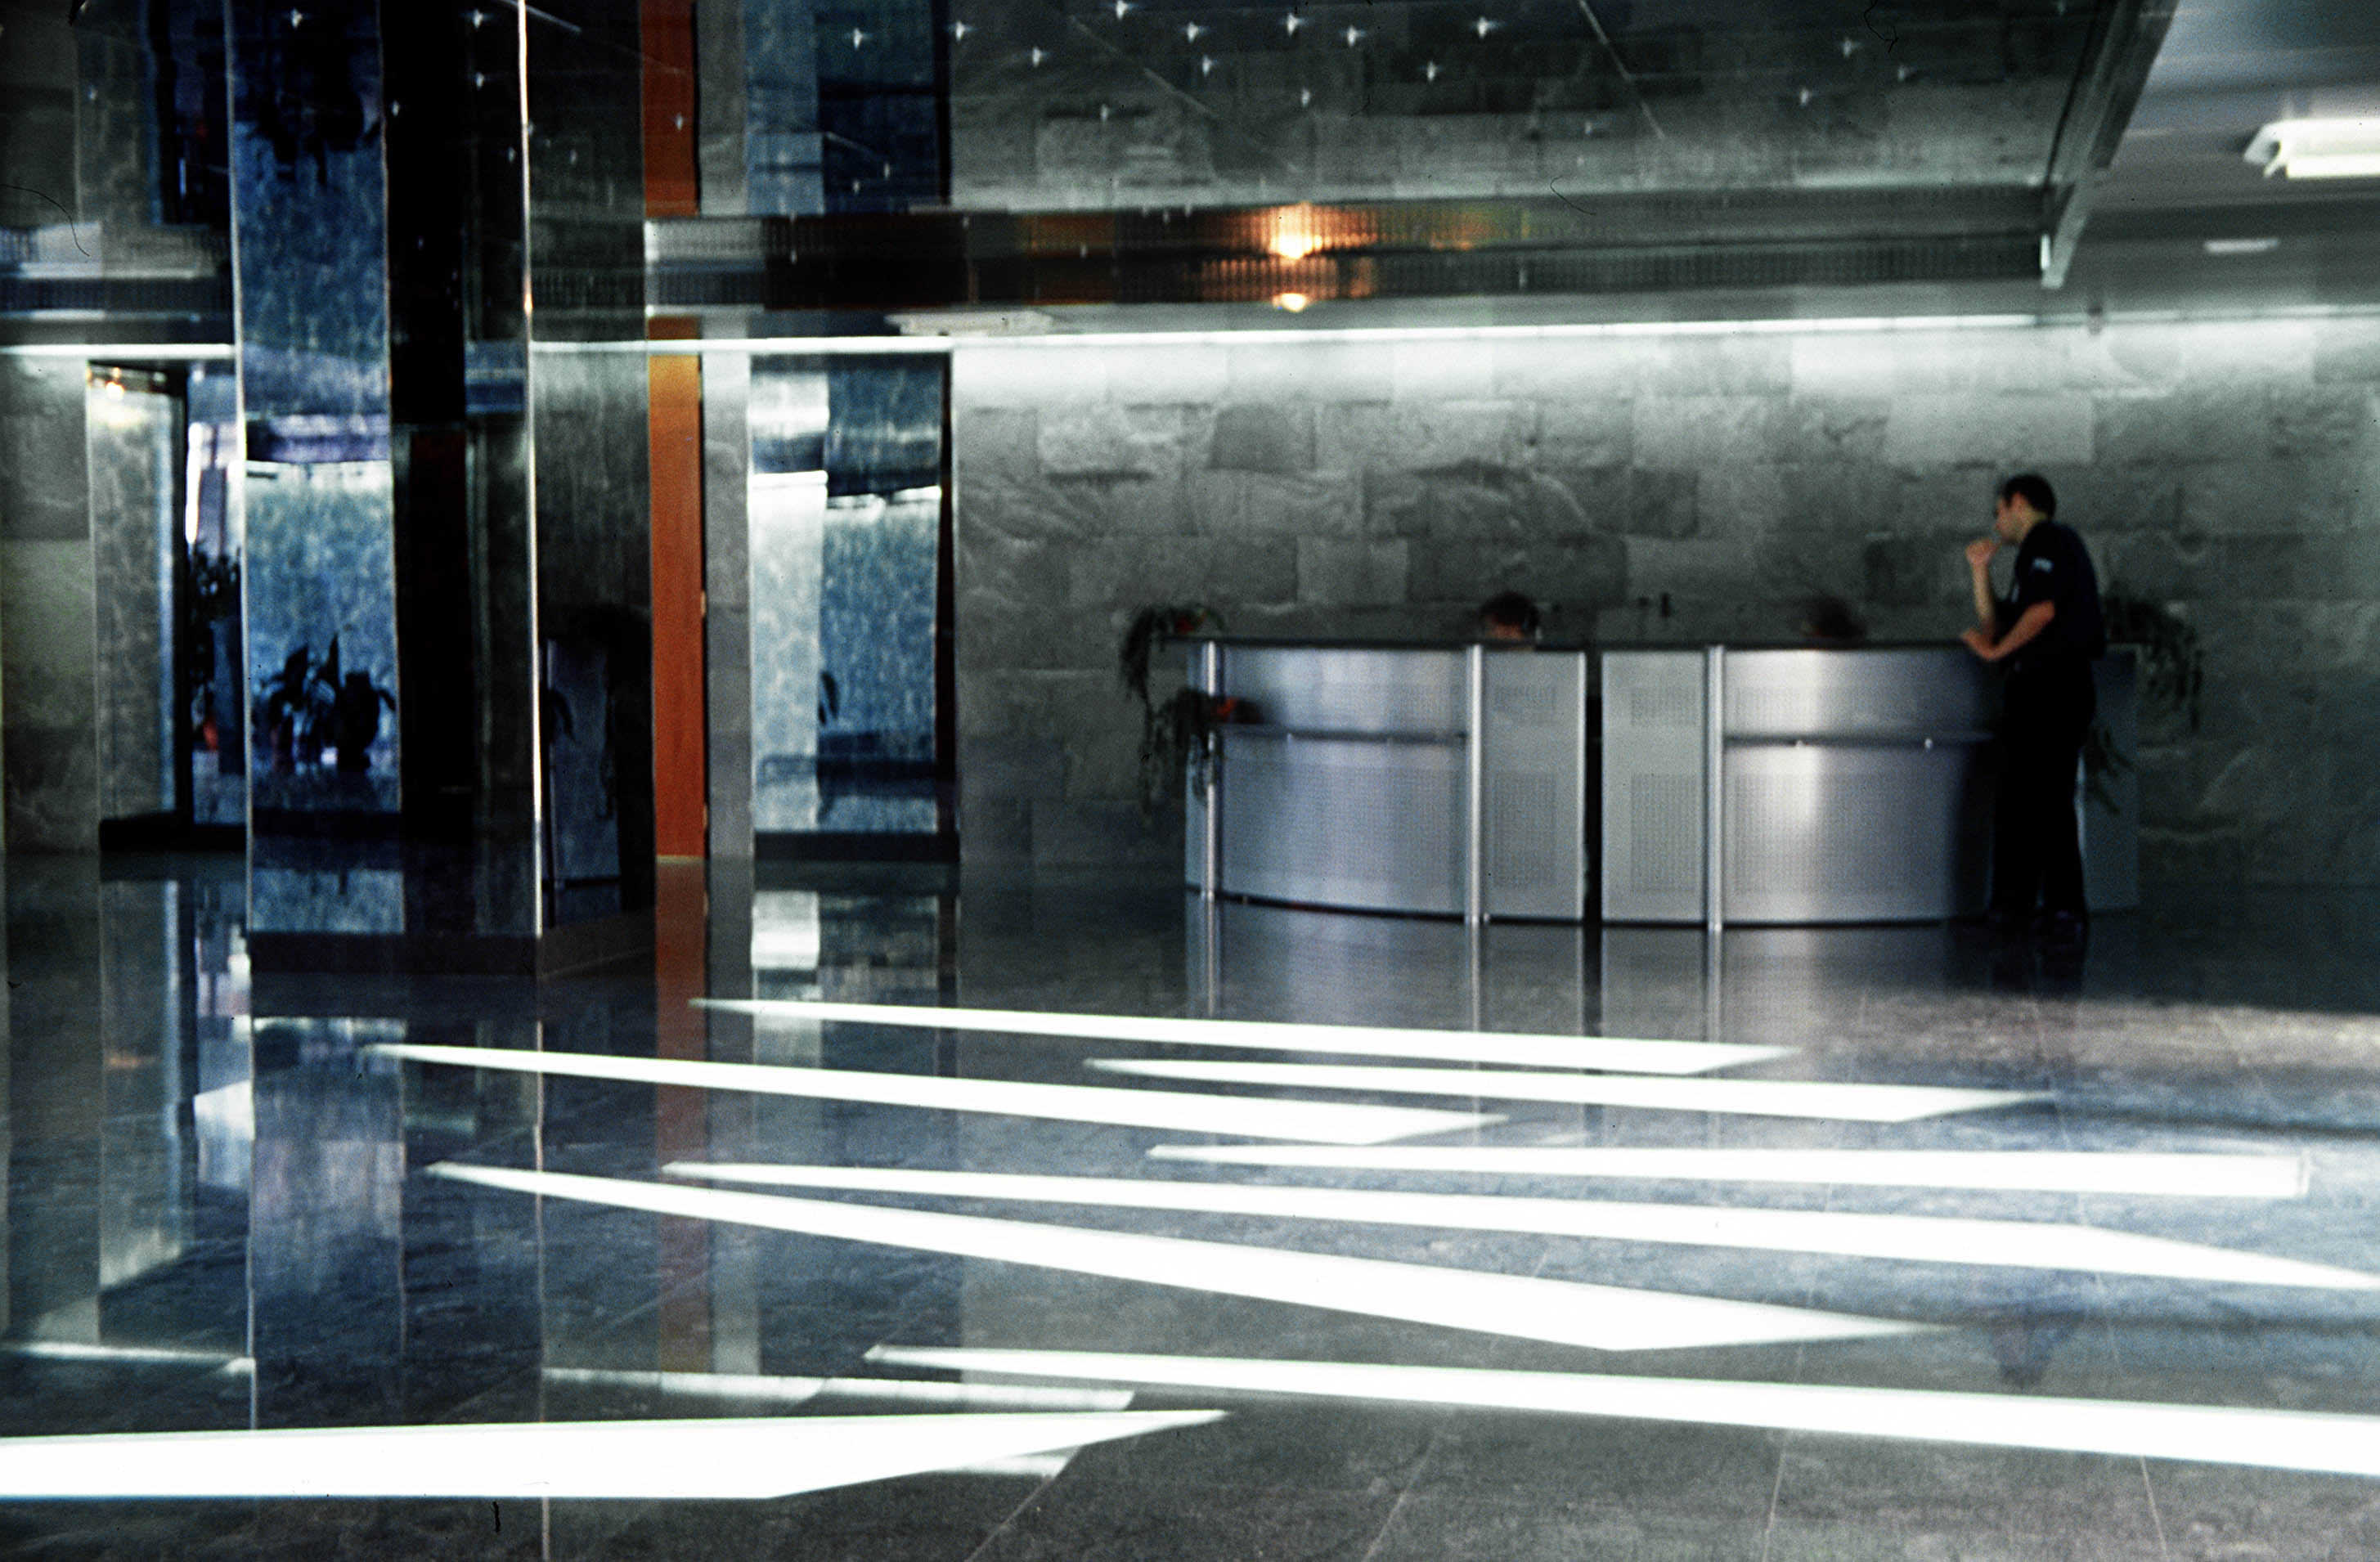 Sistem de iluminare - Sediu Allianz CARALUX - Poza 1